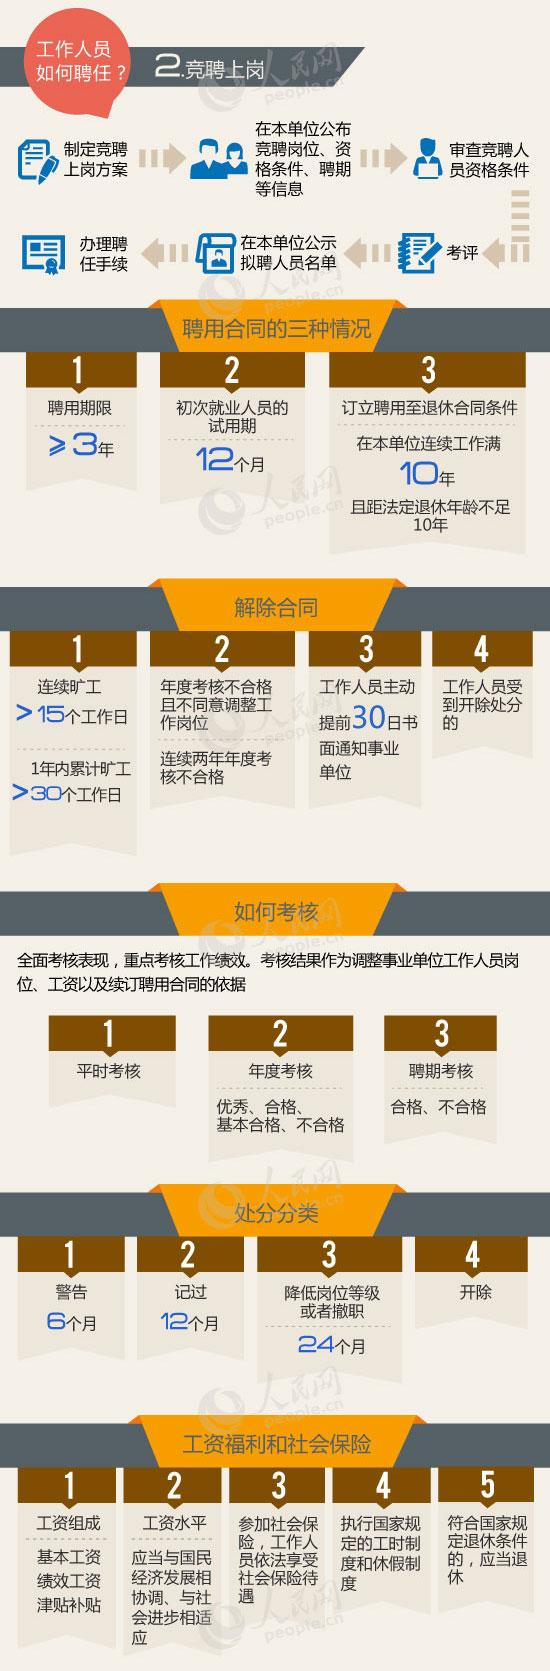 一张图帮您看懂《事业单位人事管理条例》 - 江湖如烟 - 江湖独行侠